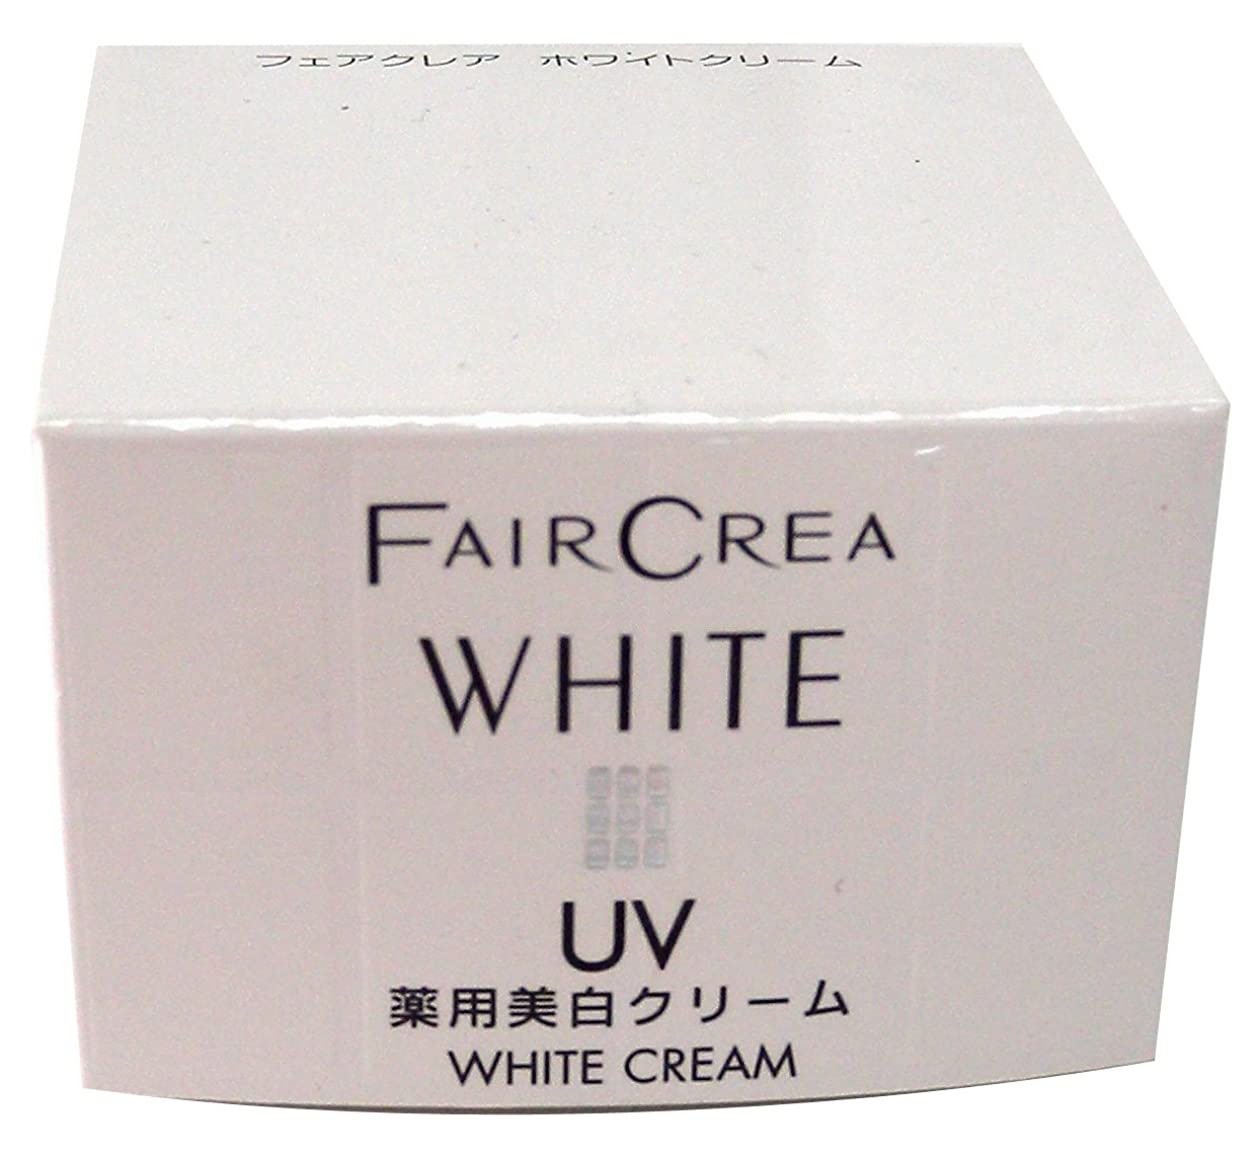 契約した主要な一人でフェアクレア ホワイトクリーム 30g <27130>